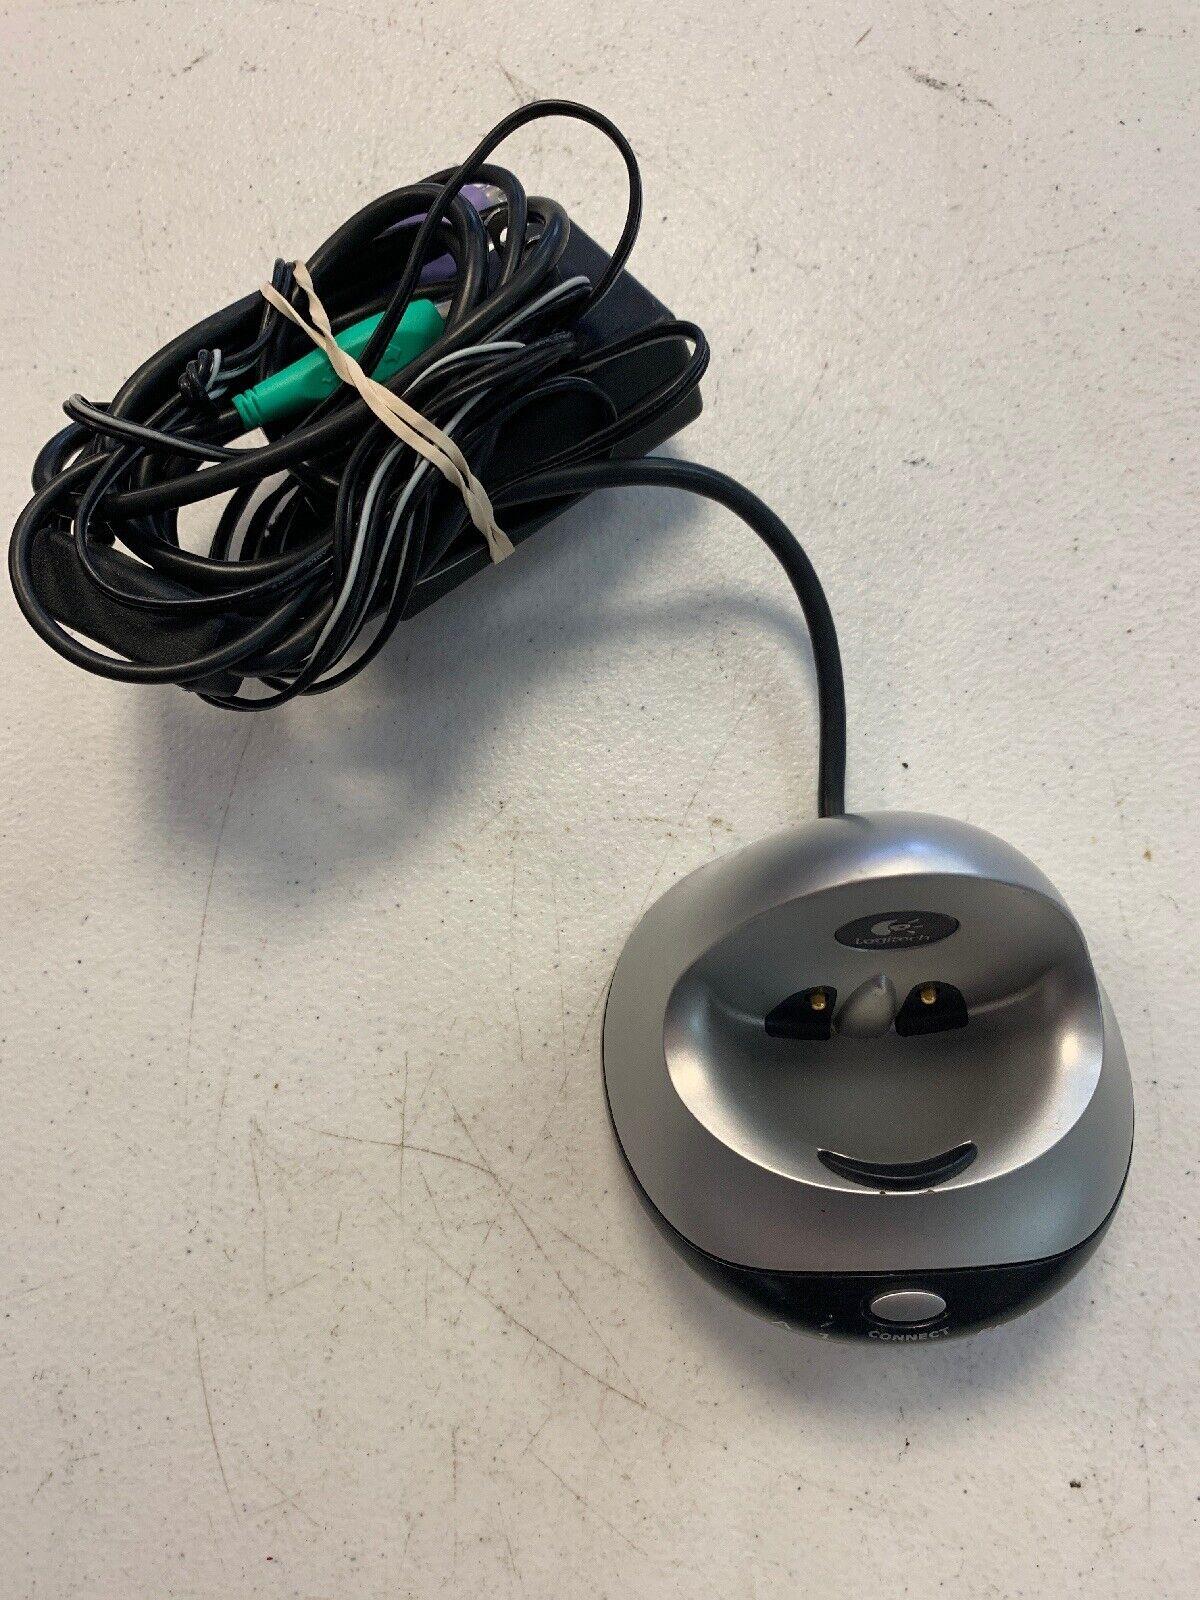 951ce3e316c Logitech C-bk16a-dual Cordless Desktop Receiver and Mx700 Mouse for sale  online | eBay